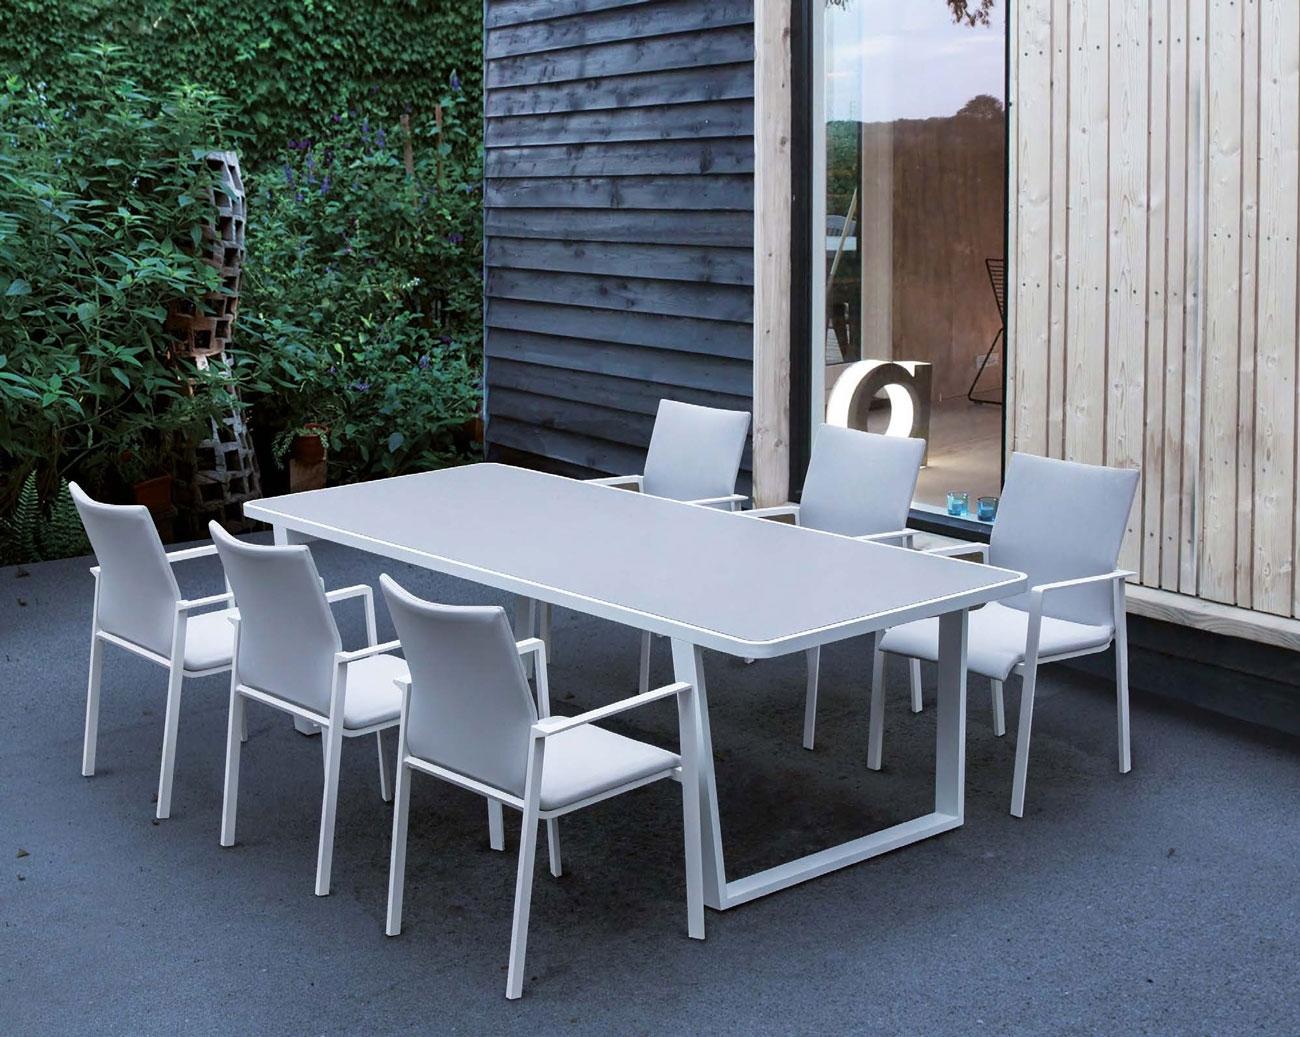 Mesa comedor para exterior o sillones ELBA